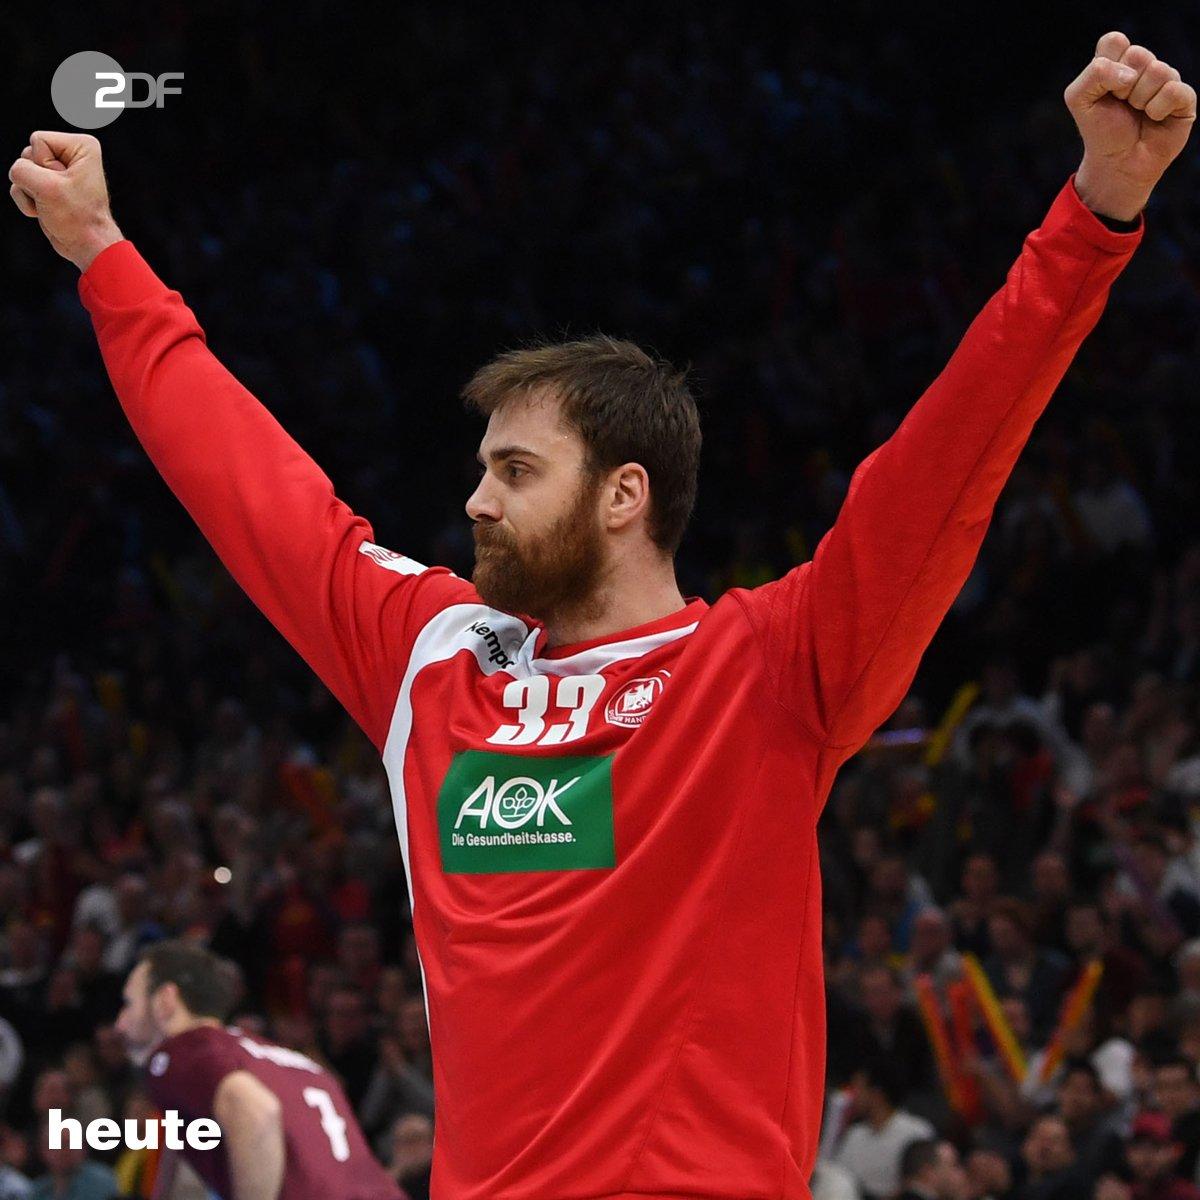 Handball-WM: Deutschland führt zur Halbzeit mit 10:9 gegen Katar. #GER...